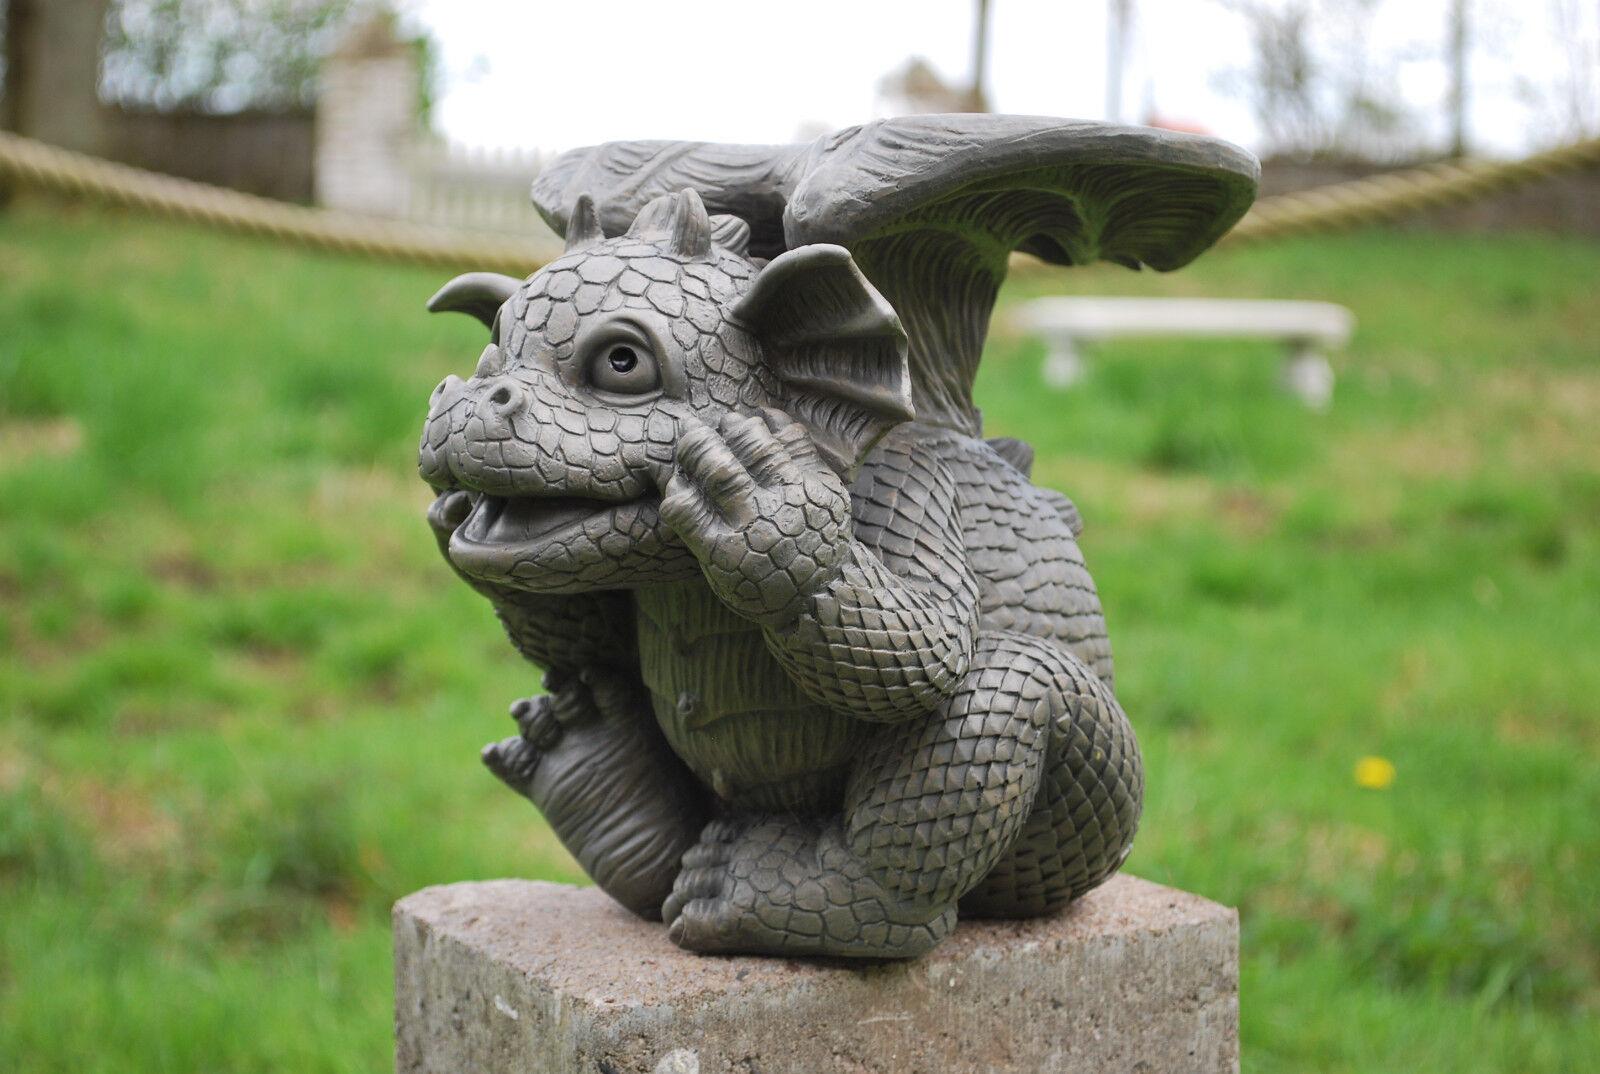 Dragón como soporte de flores de jardín personaje decoración stand personaje animal personaje personaje